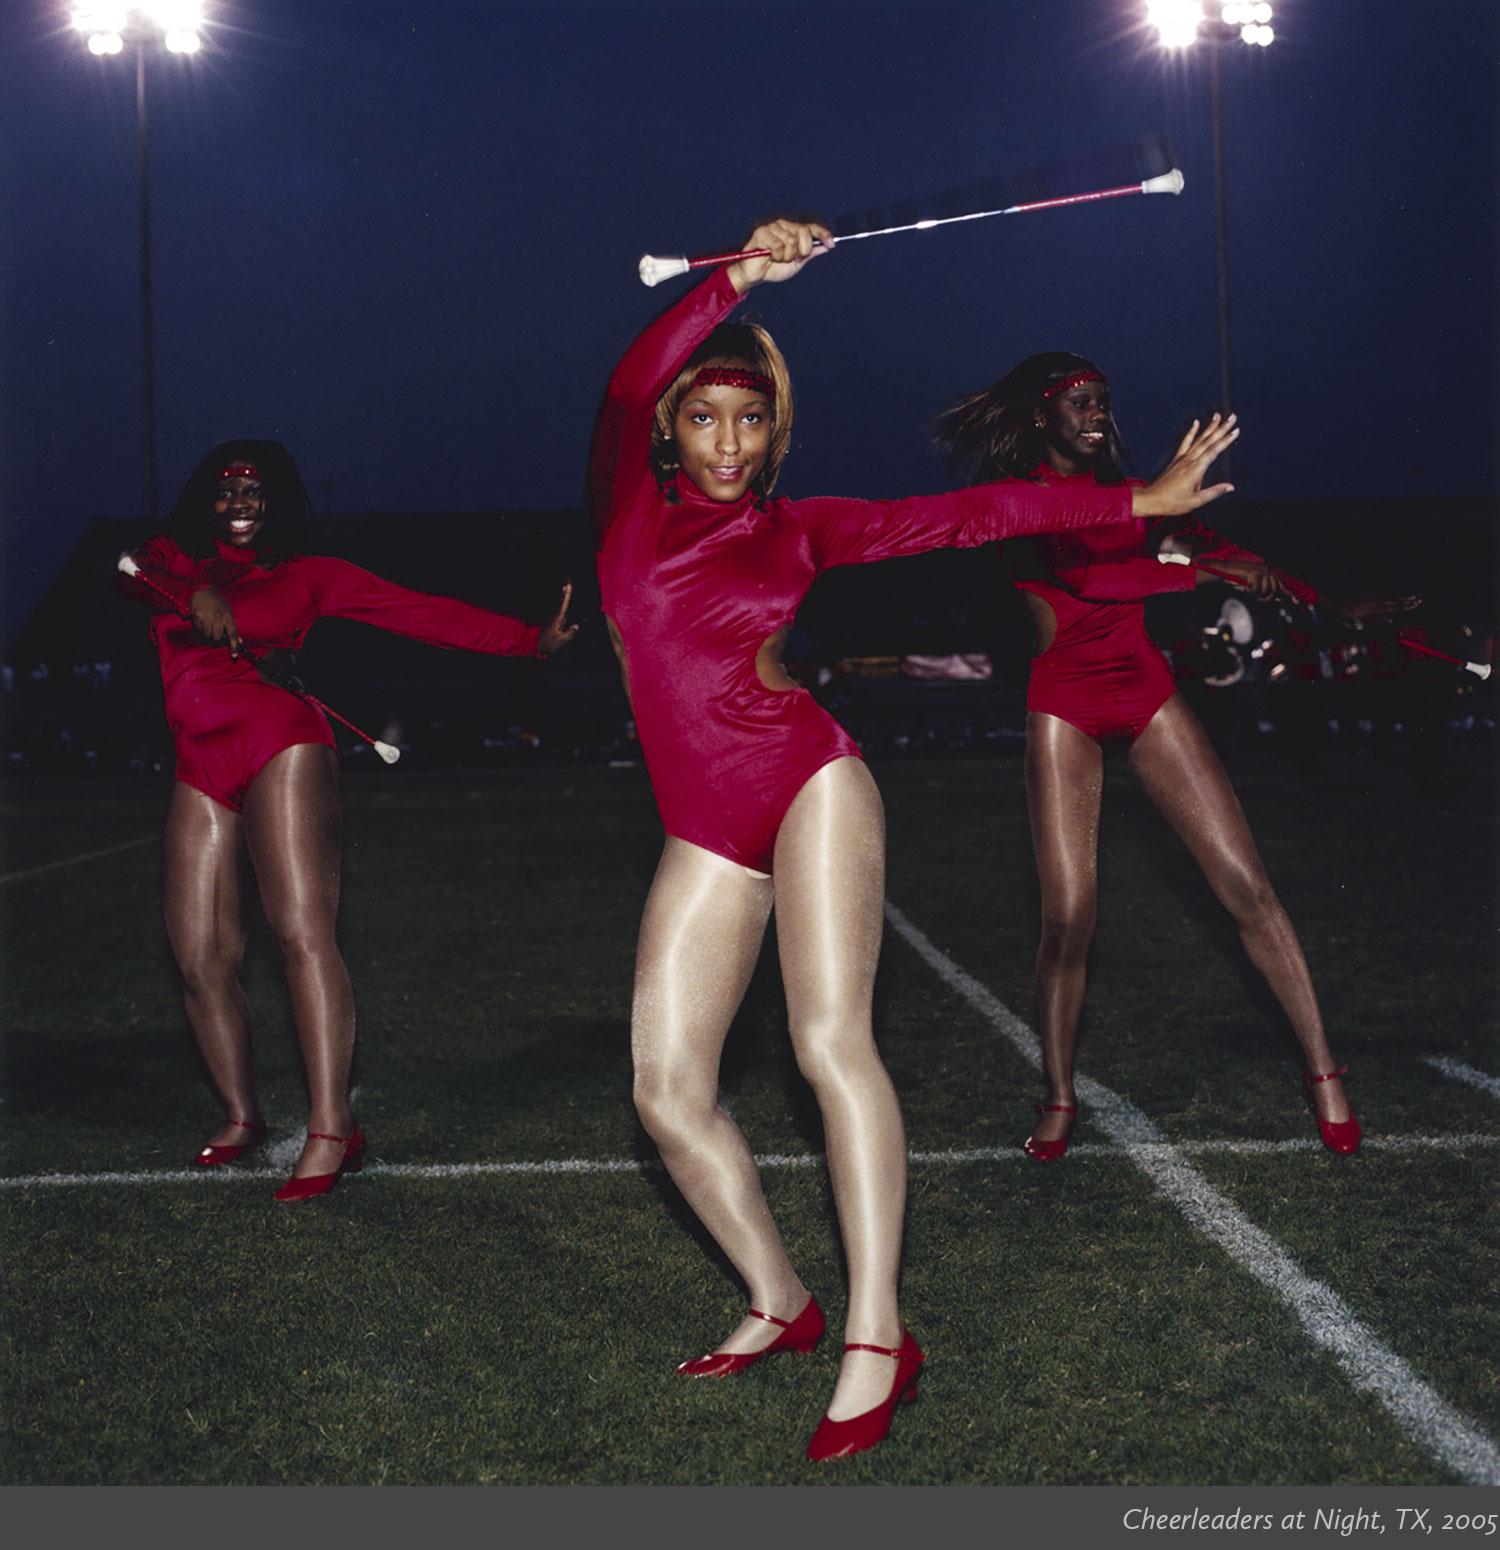 22_Cheerleaders_at_Night,-TX,-2005.jpg